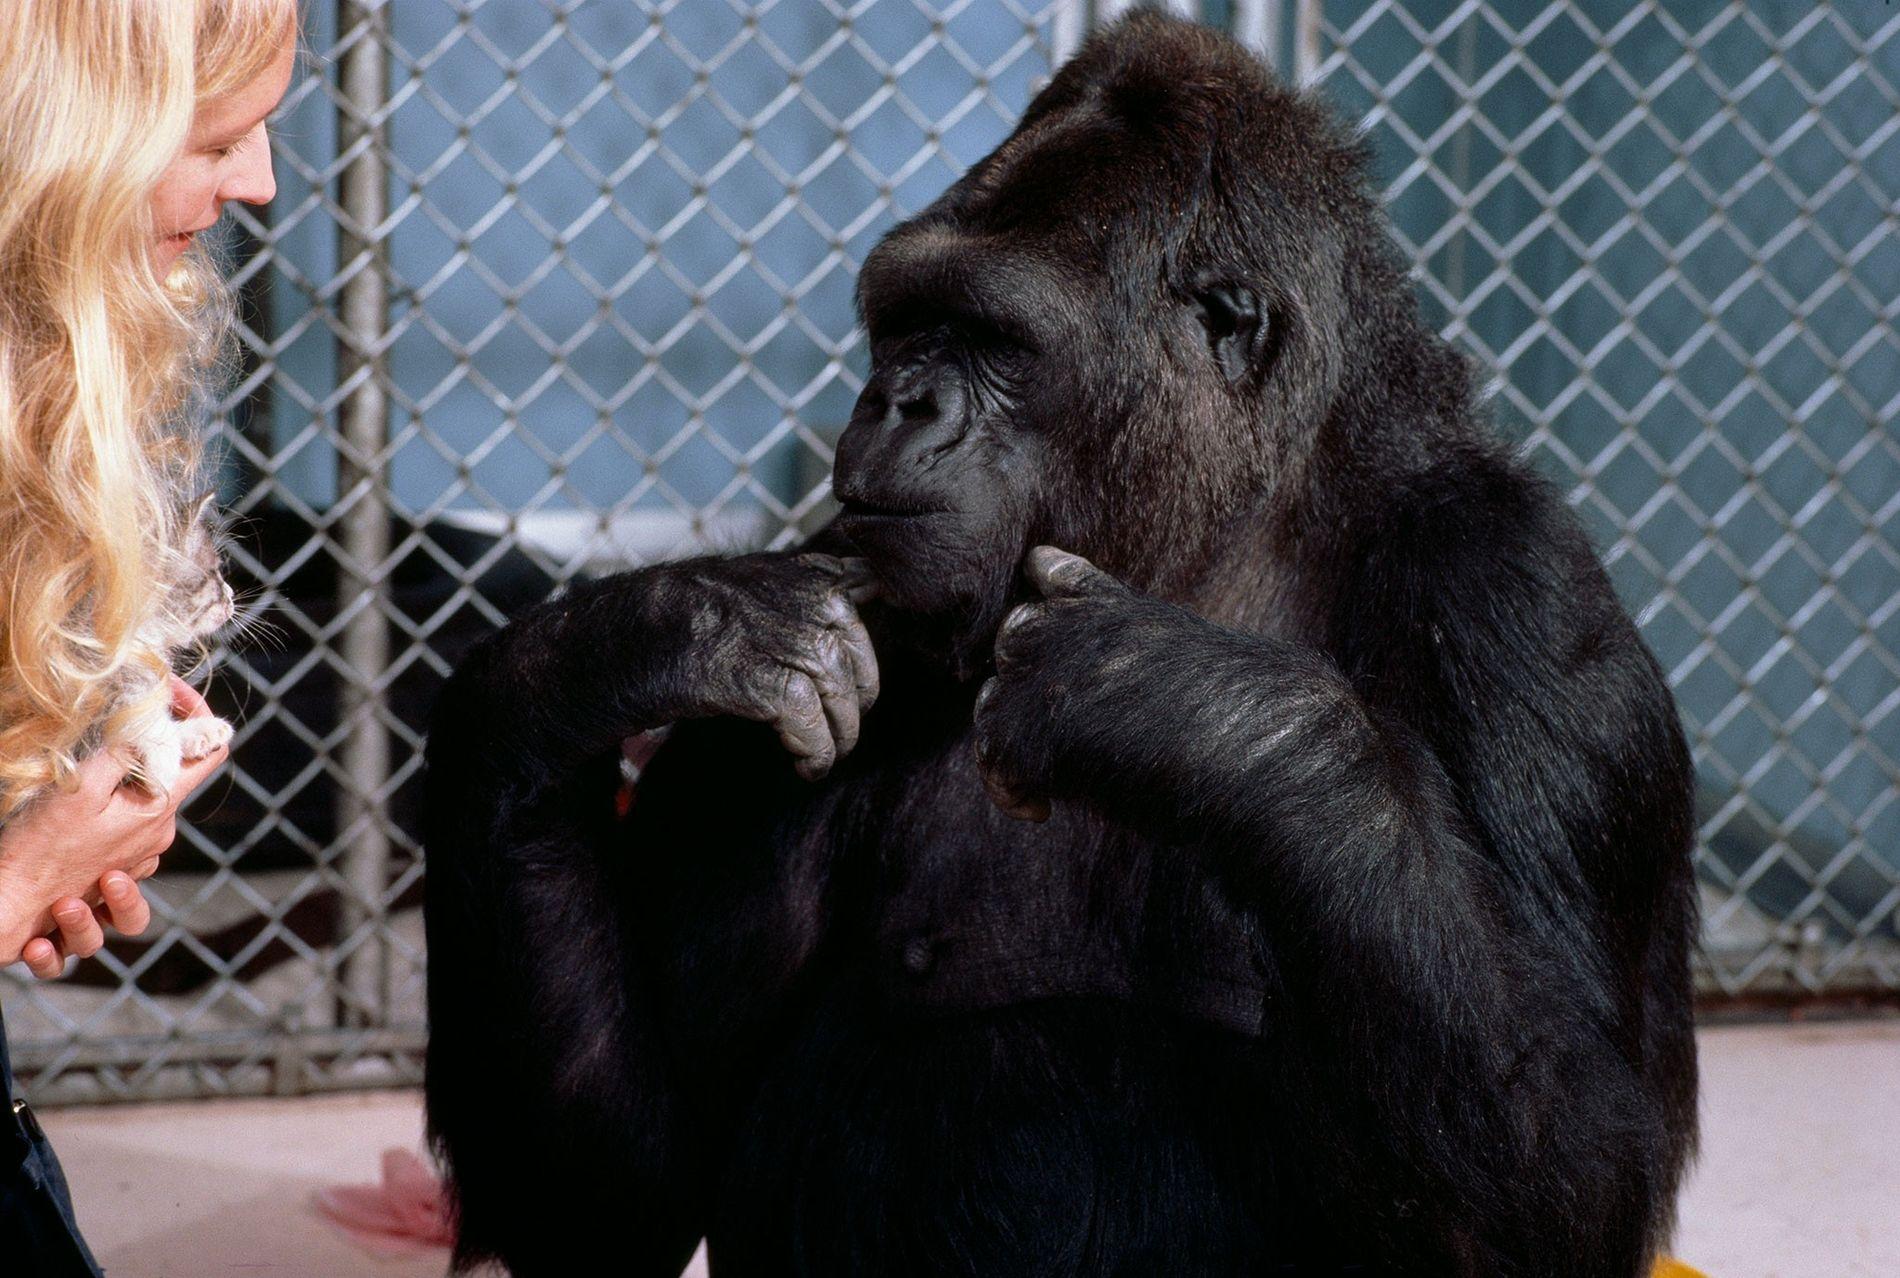 Patterson y Koko conversan usando el lenguaje de señas americano. Koko usó más de 500 señales con regularidad y conoció unos 500 adicionales. Para decirle a Patterson que quería un gato, se pasó dos dedos por las mejillas en forma de bigotes.